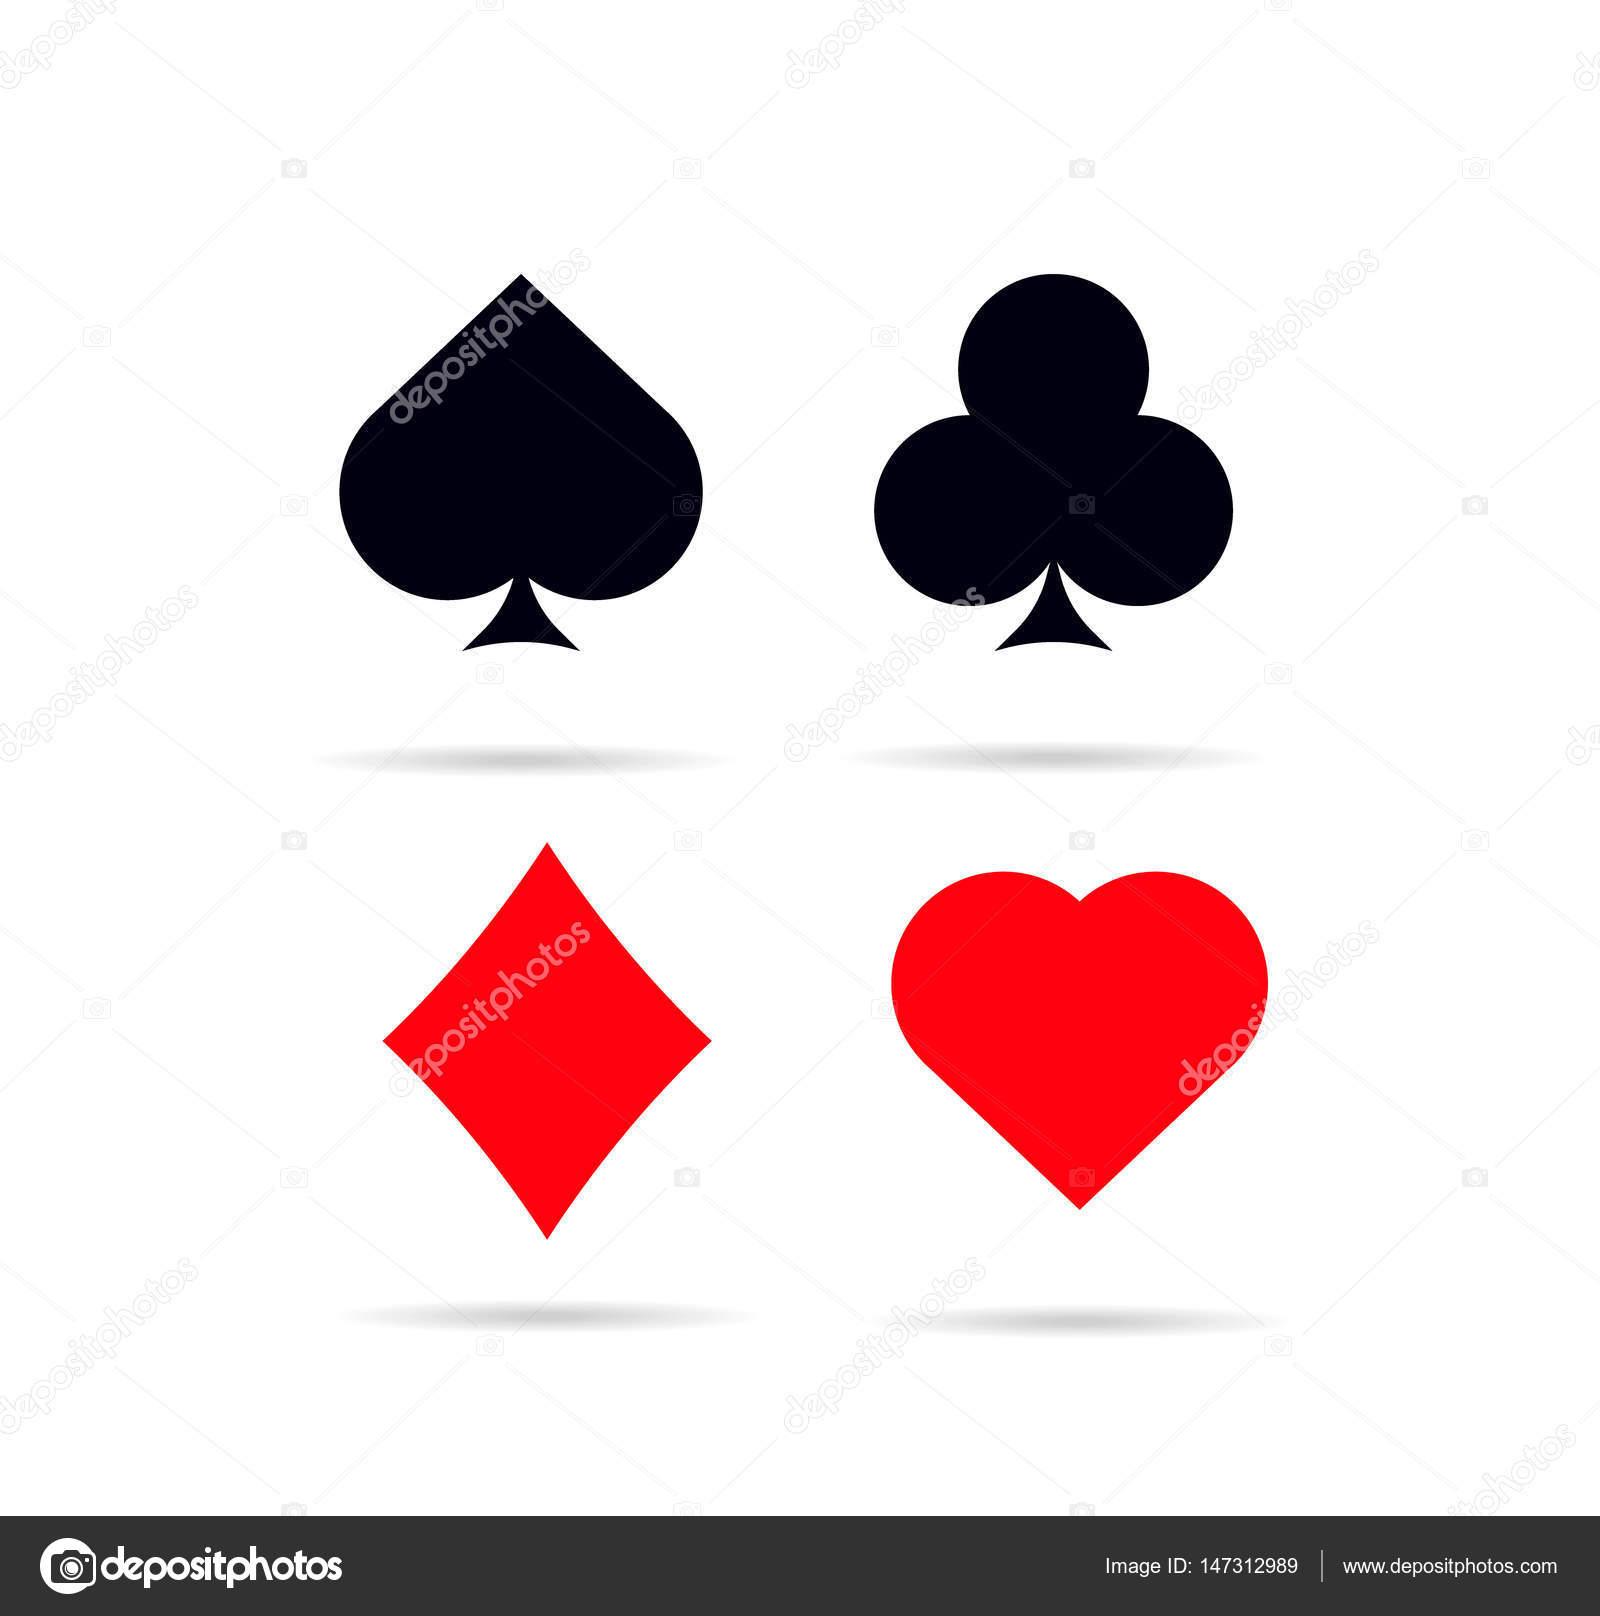 Insieme di simboli di carte da poker. Cuori quadri fiori e picche , foto  simboli poker vettoriali \u2014 Vettoriali di DeziDezi